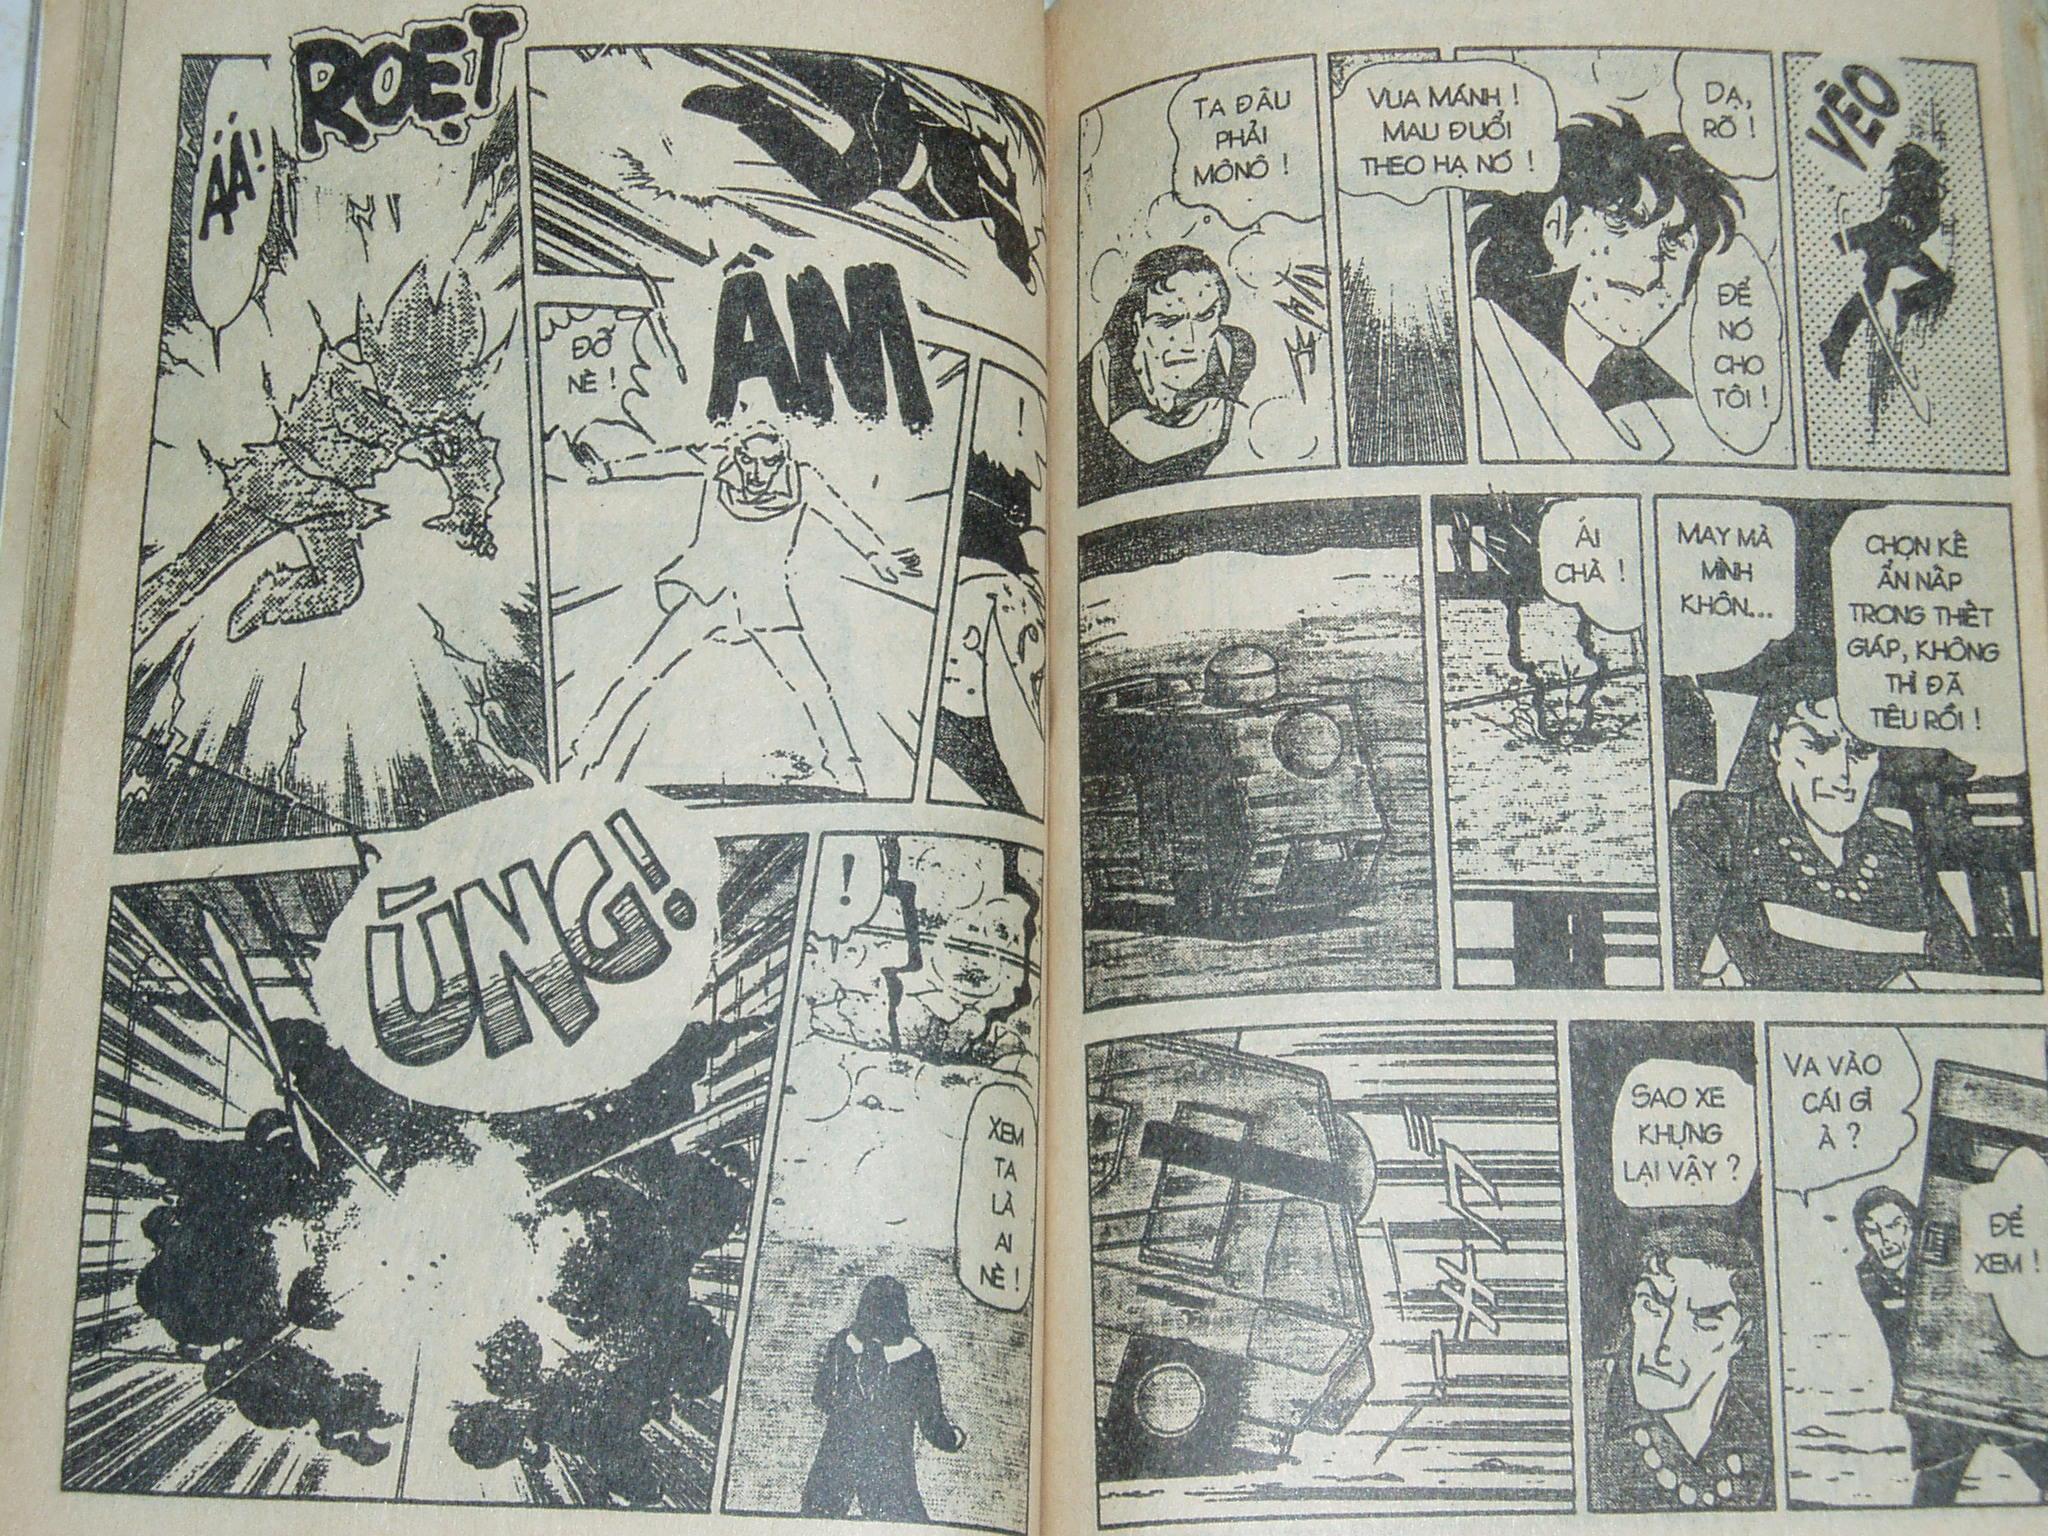 Siêu nhân Locke vol 18 trang 45